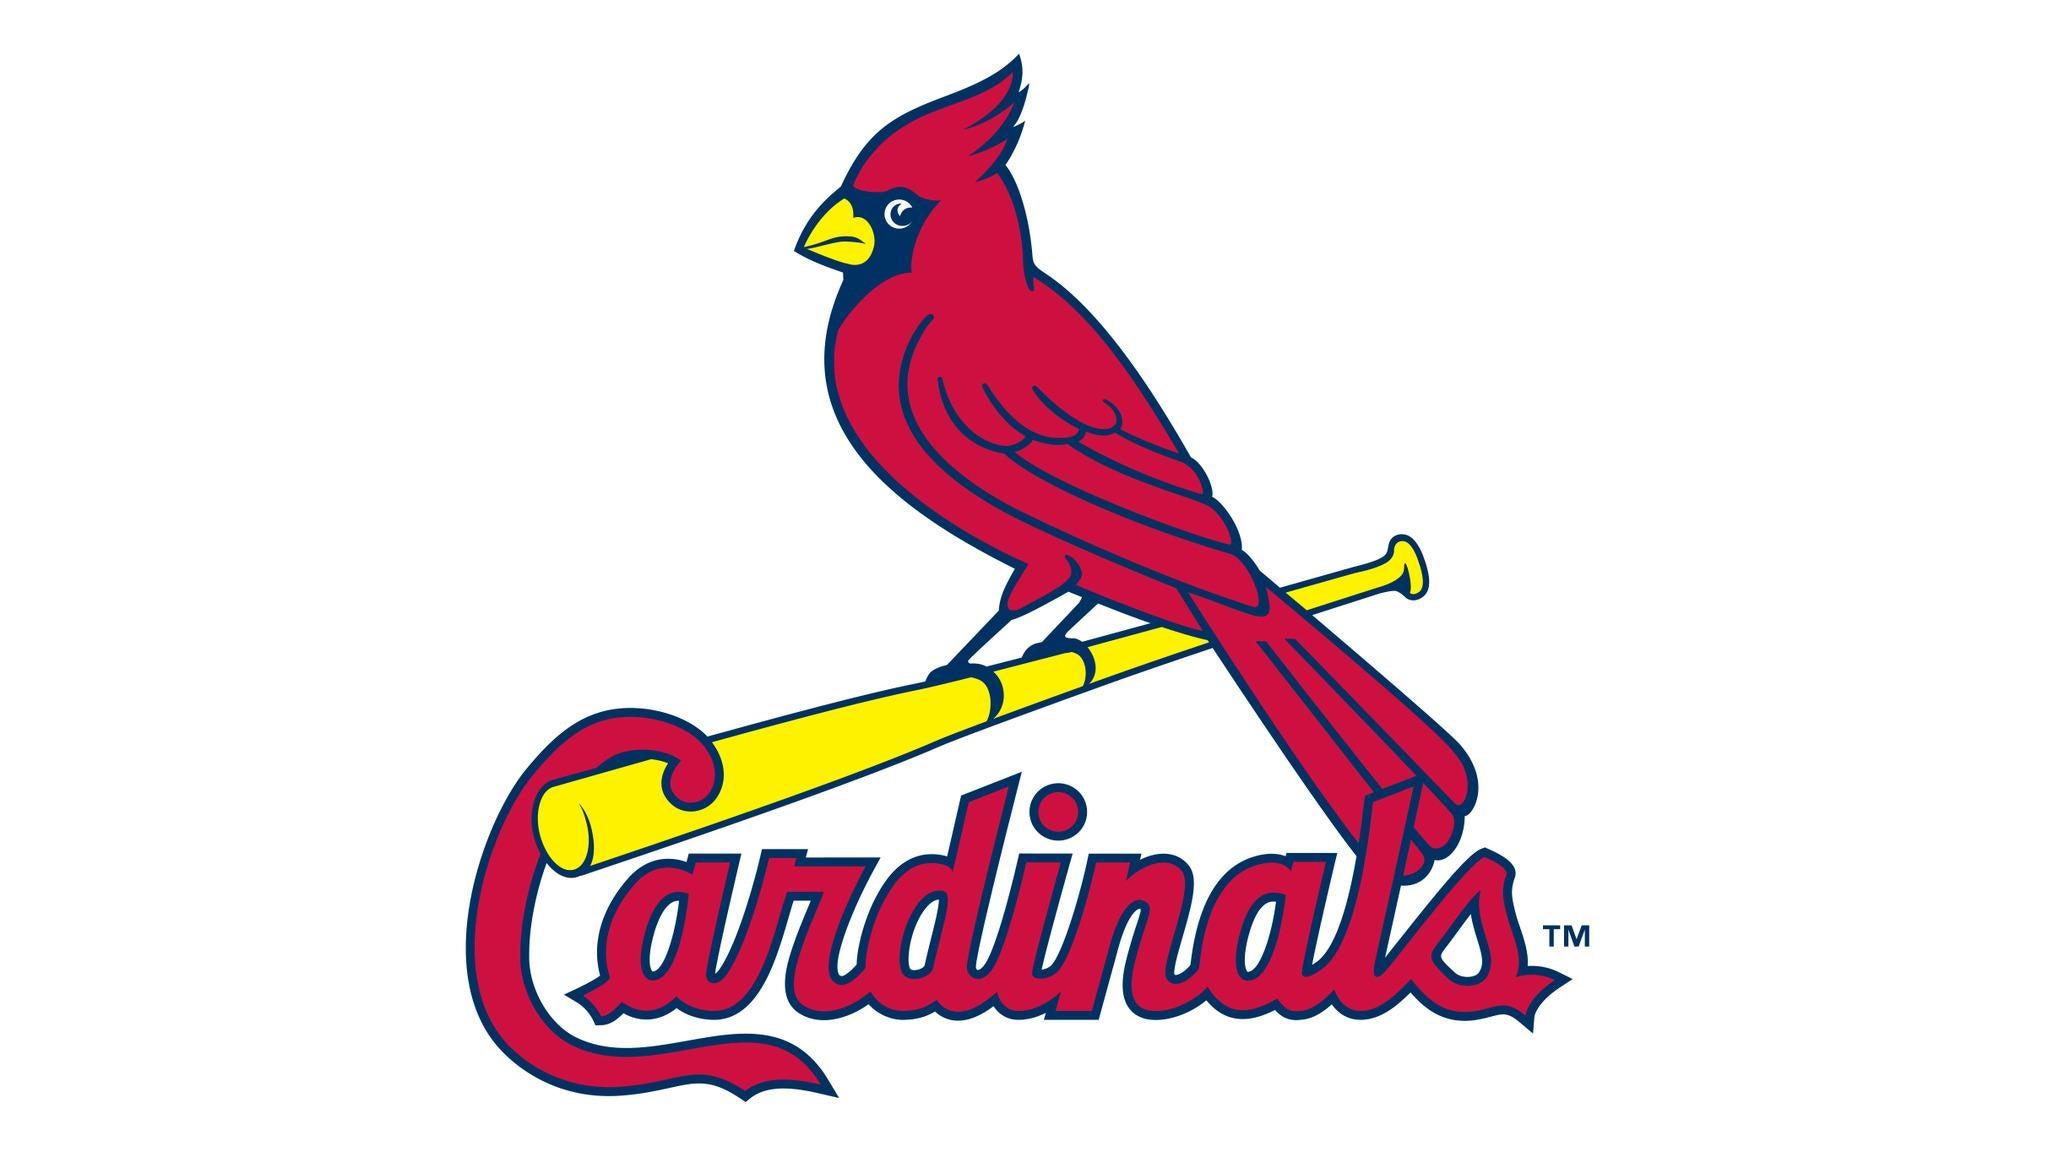 St. Louis Cardinals vs. Baltimore Orioles